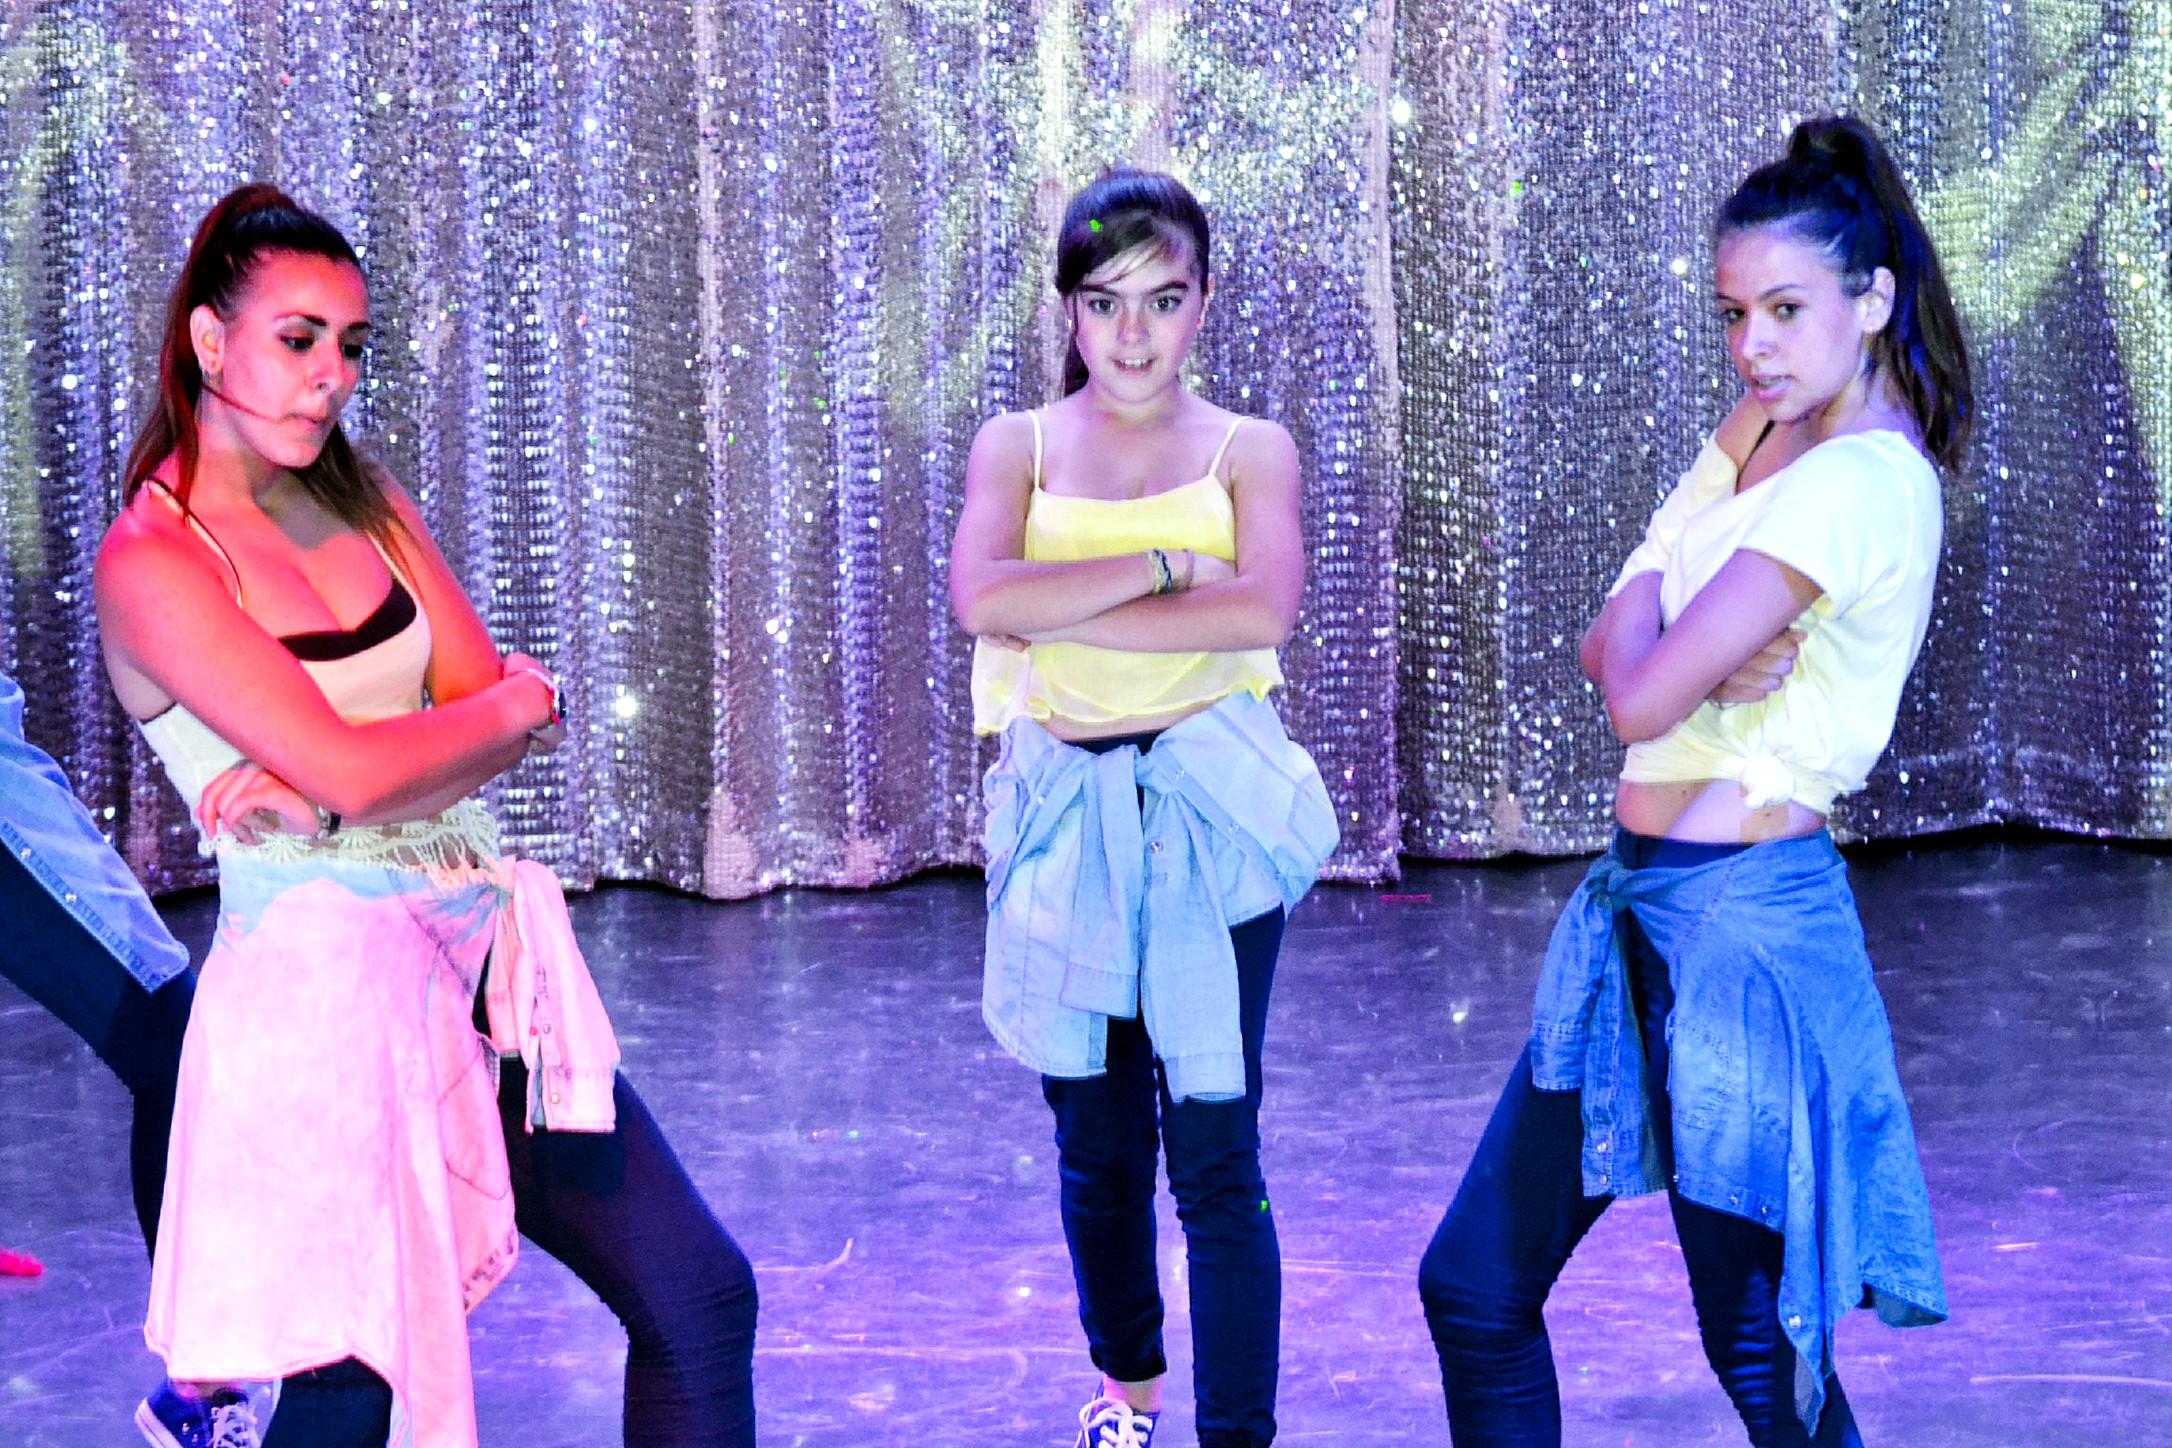 Linea-de-Baile-festival-verano-2015-clases-de-baile-valencia-98